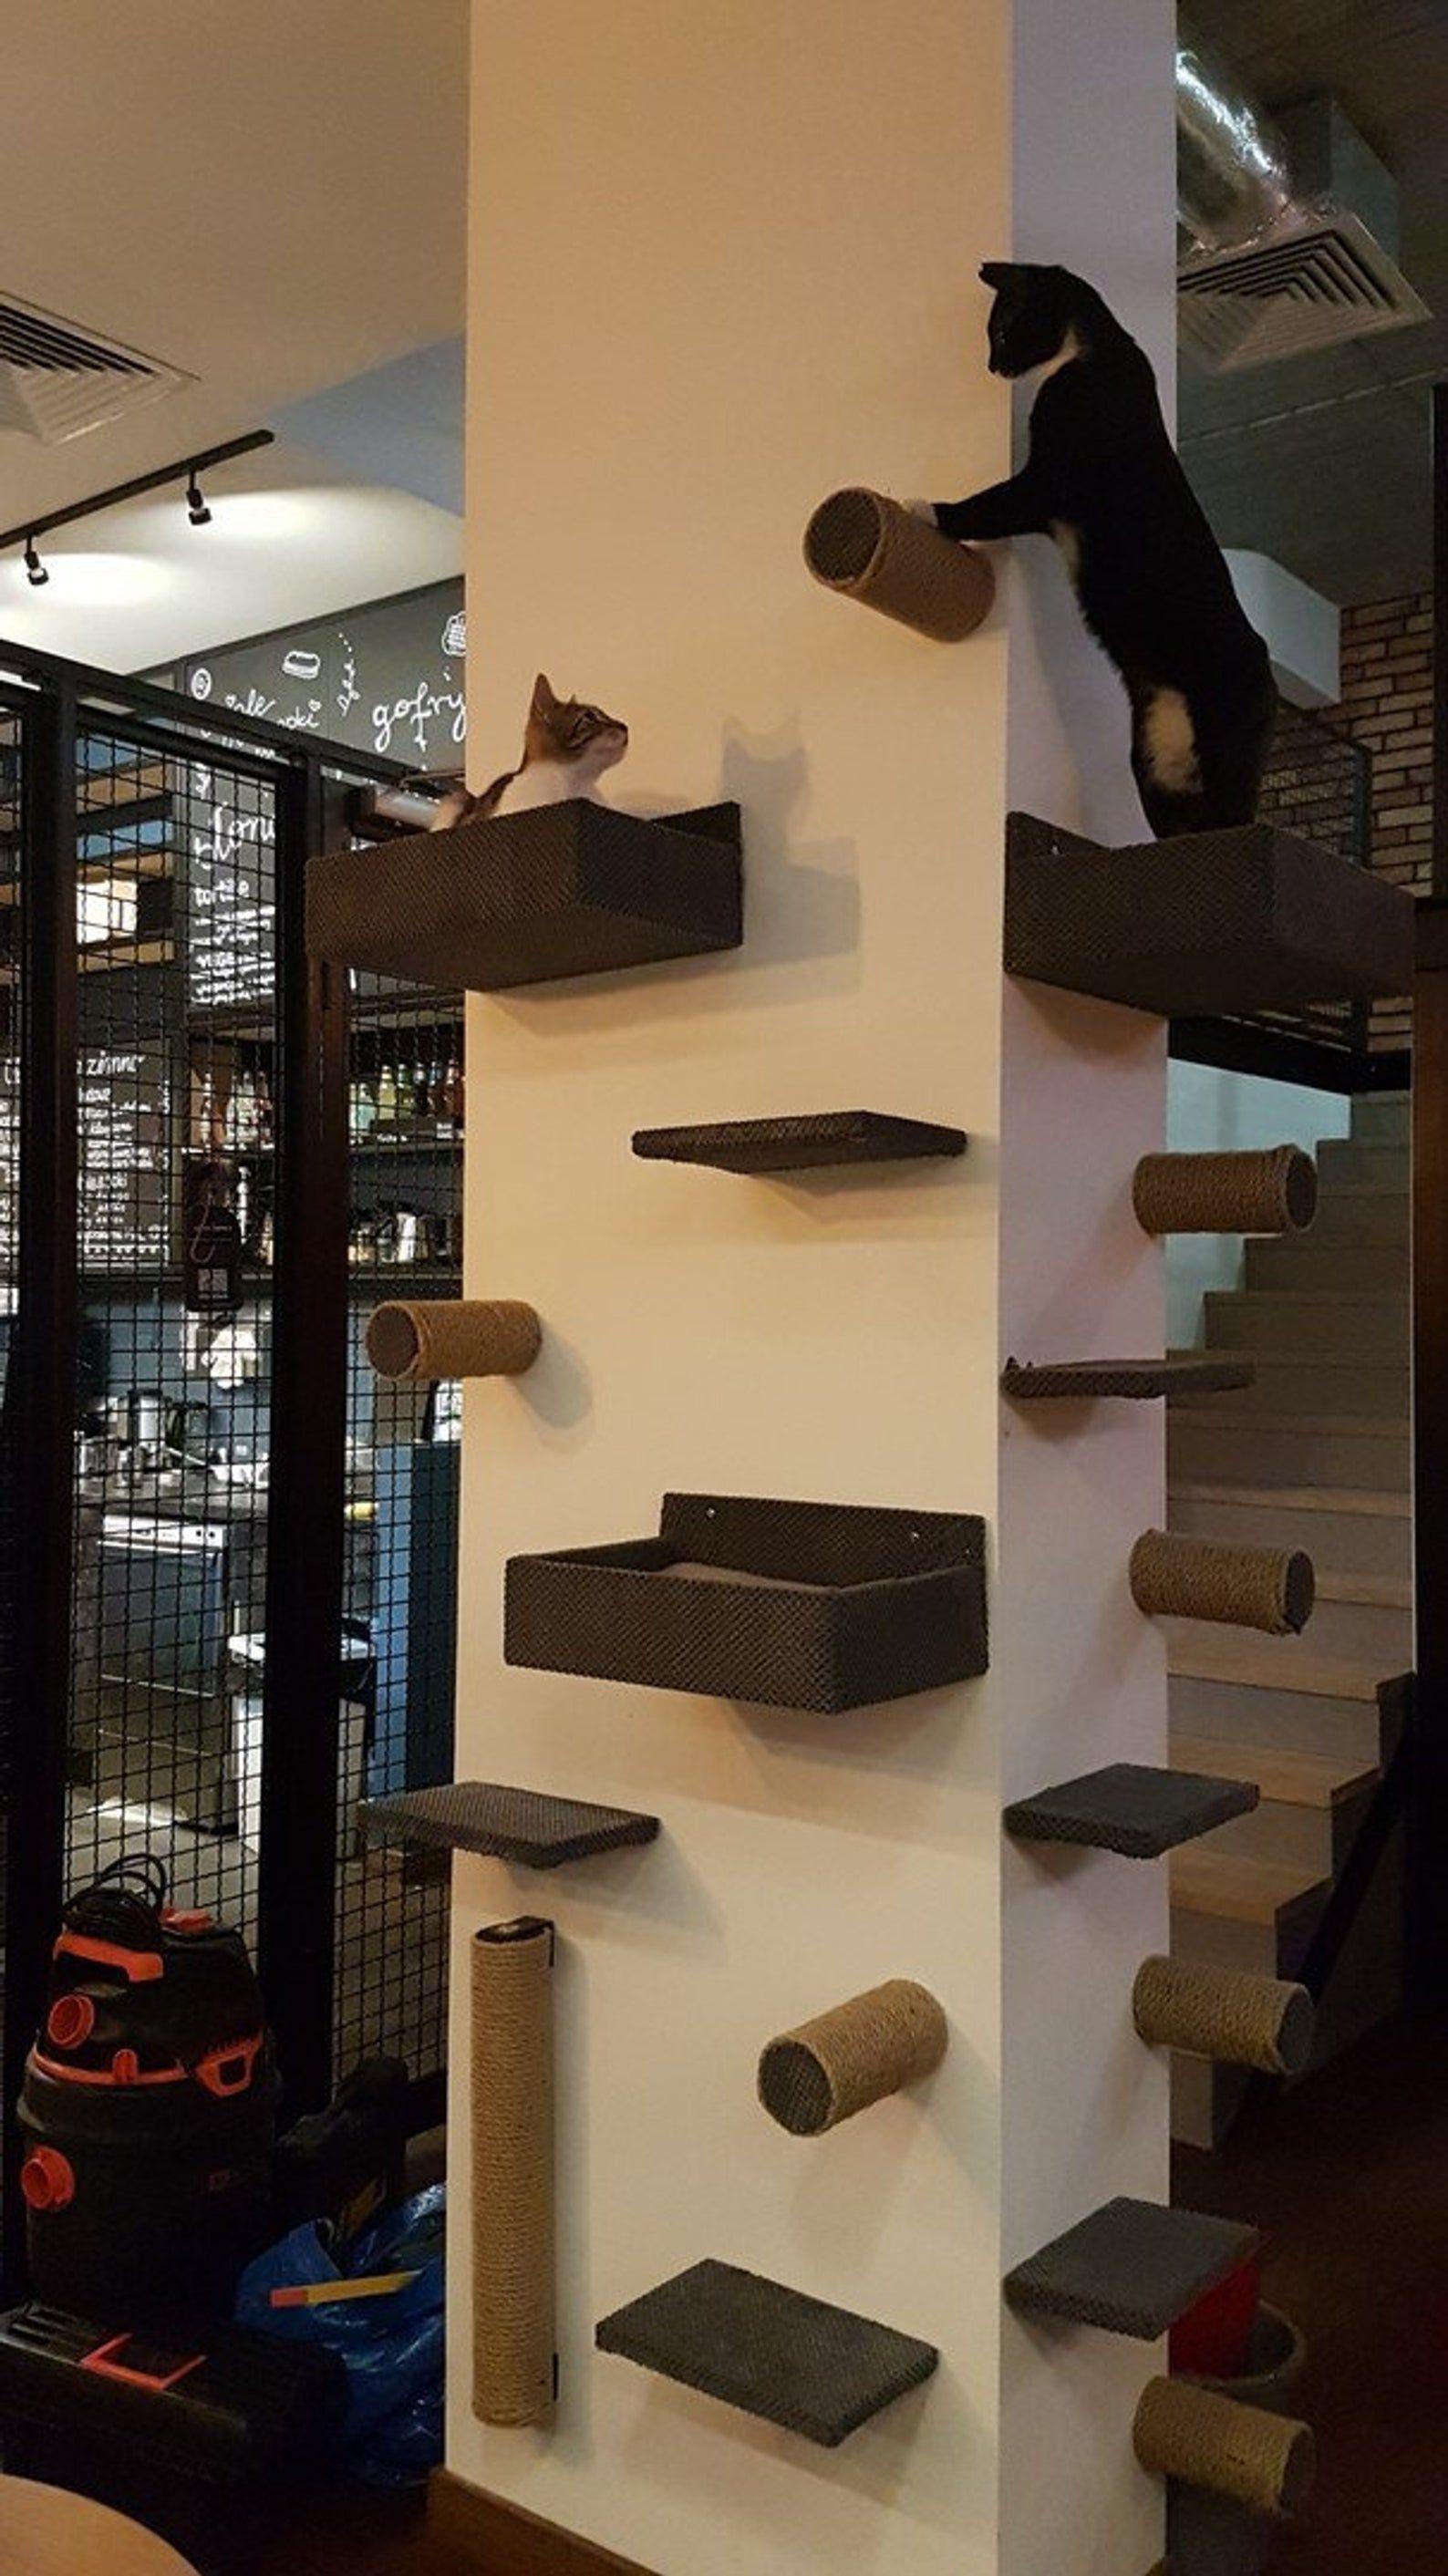 Photo of Katze, Katzenliebhabergeschenk, Katzenbett, Katzenmöbel, Katzengeschenk, Katzendekor, Katzenregal, Katzenbetten, Katzenkissen, Katzenregale, Haustier, moderne Katzenmöbel